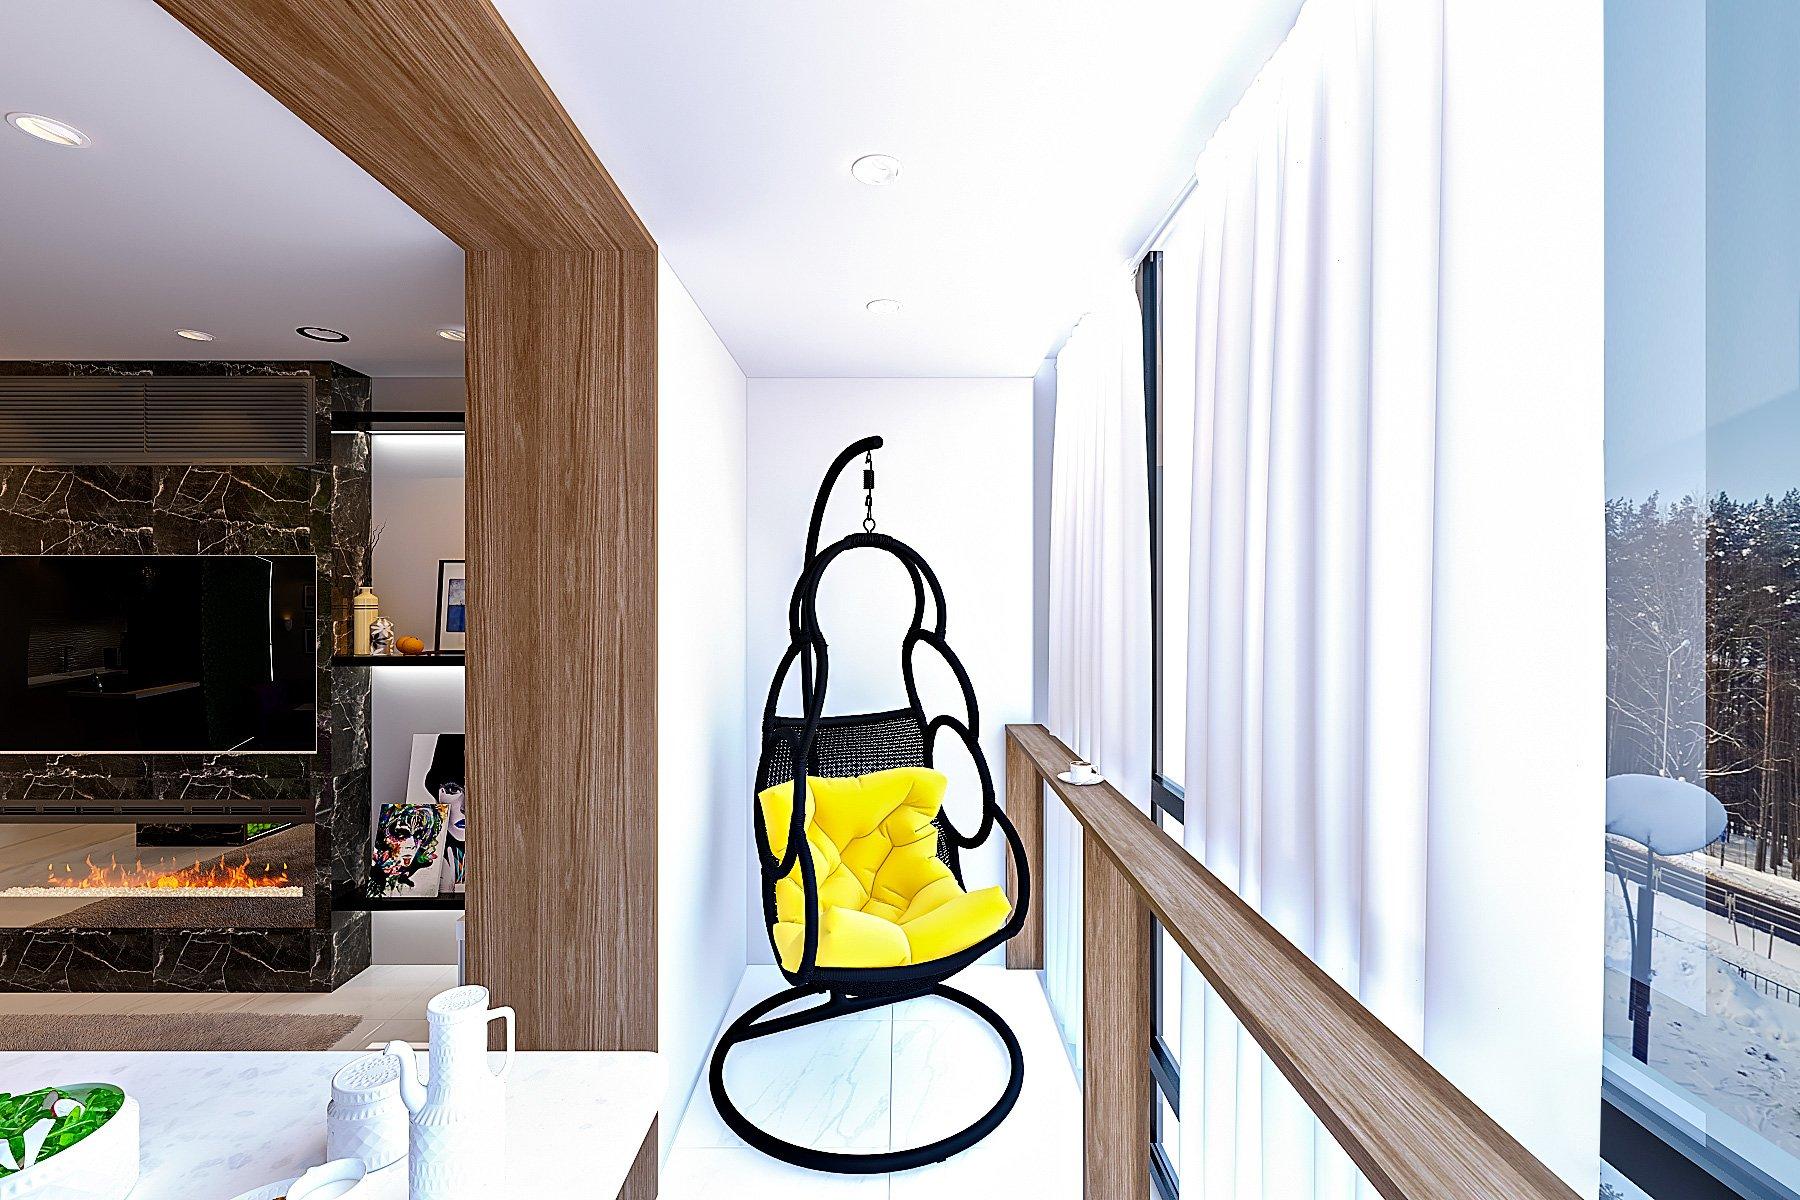 Кресло подвесное на лоджию в однокомнатной квартире в минске, шторы на лоджии, гостиная - лоджия